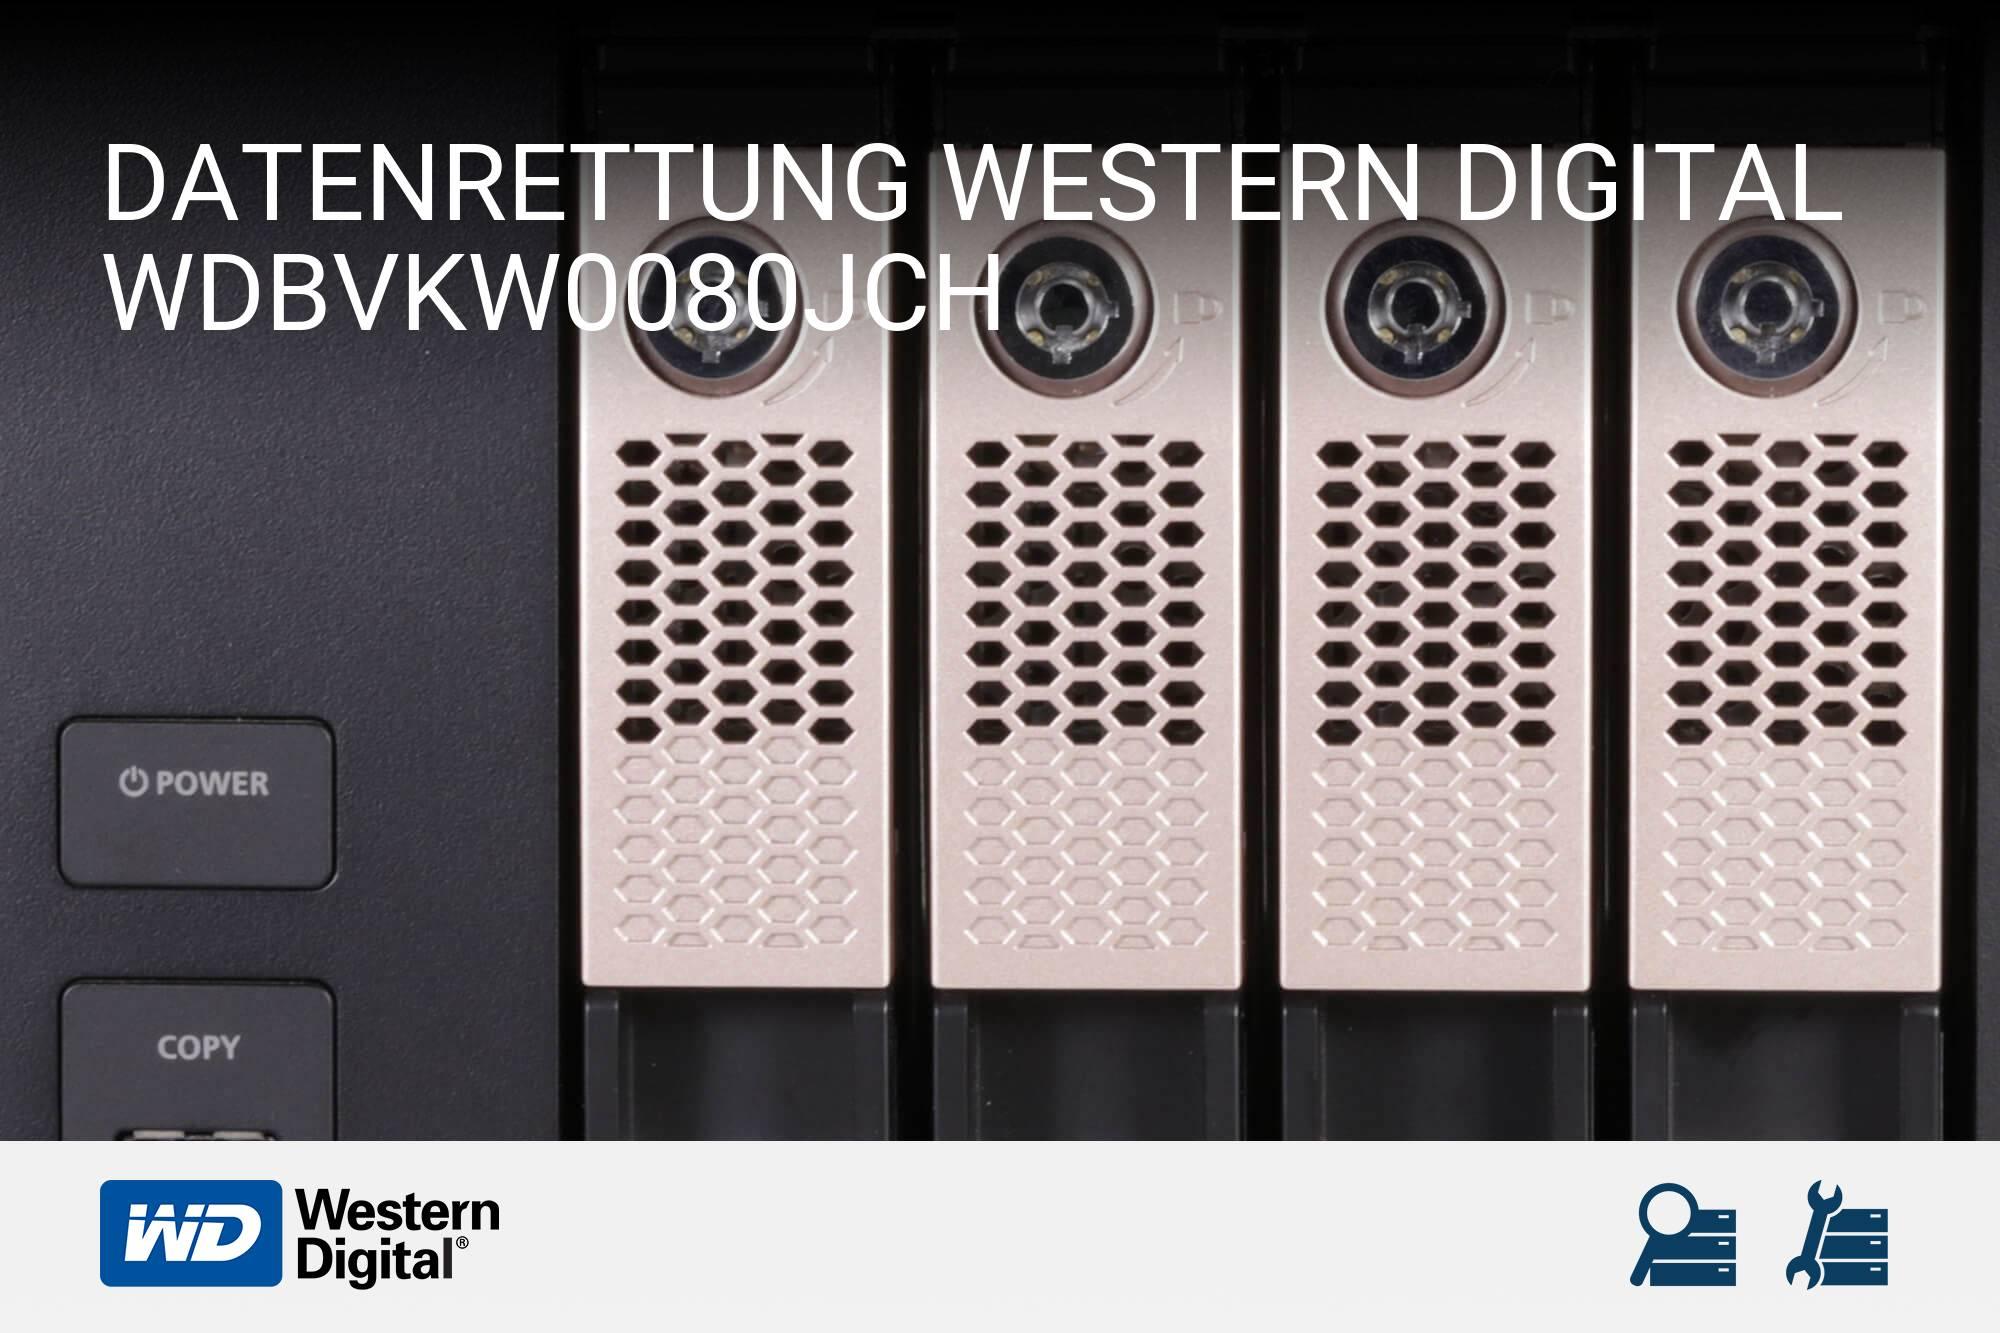 Western Digital WDBVKW0080JCH